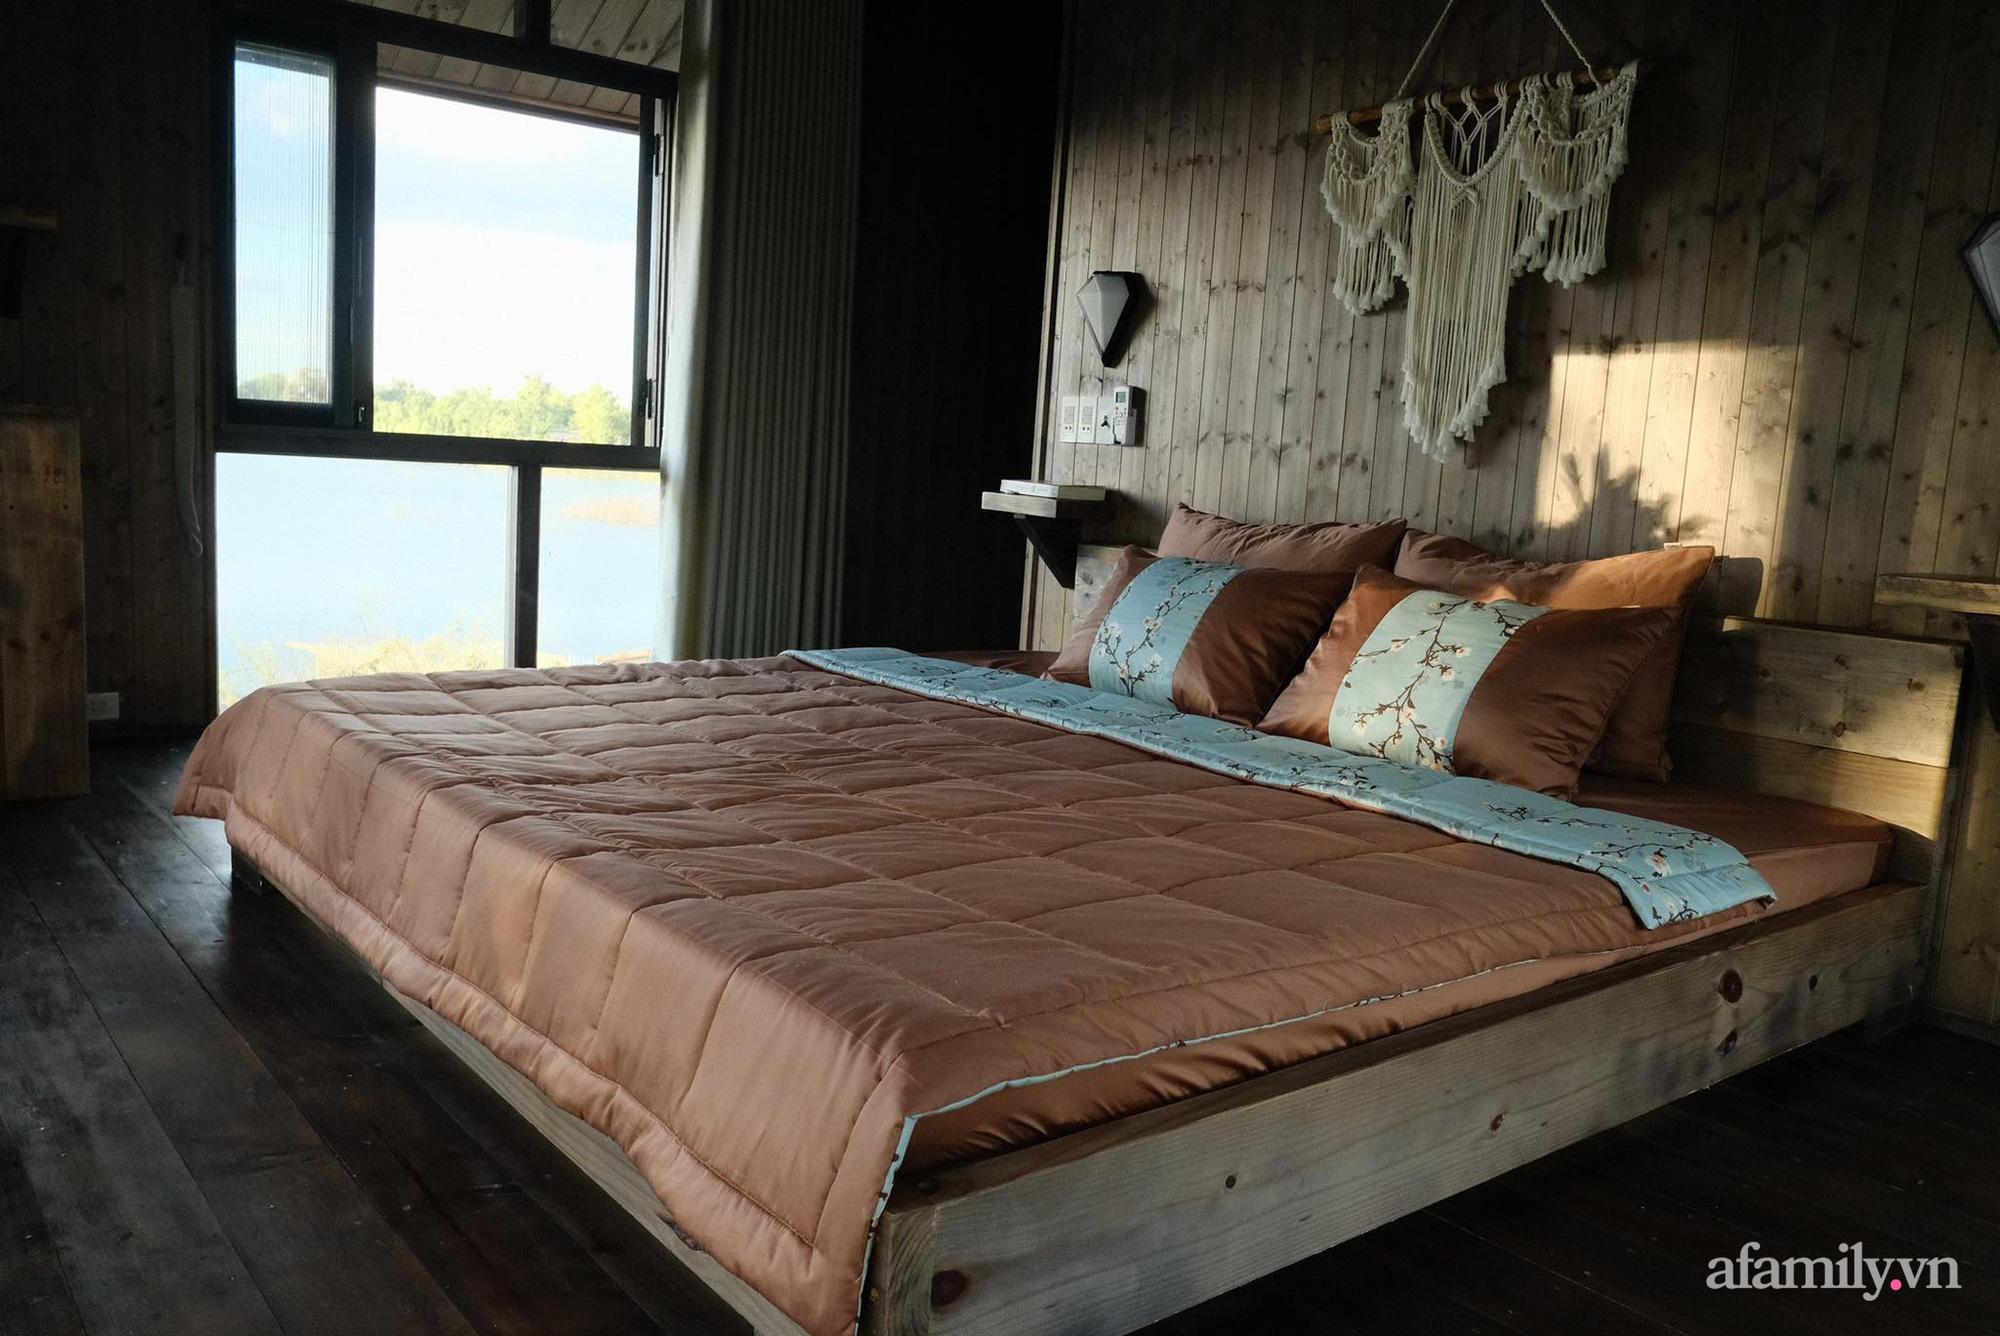 Căn nhà gỗ bình yên hướng tầm nhìn ra hồ nước trong veo, thơ mộng ở Buôn Mê Thuột - Ảnh 17.